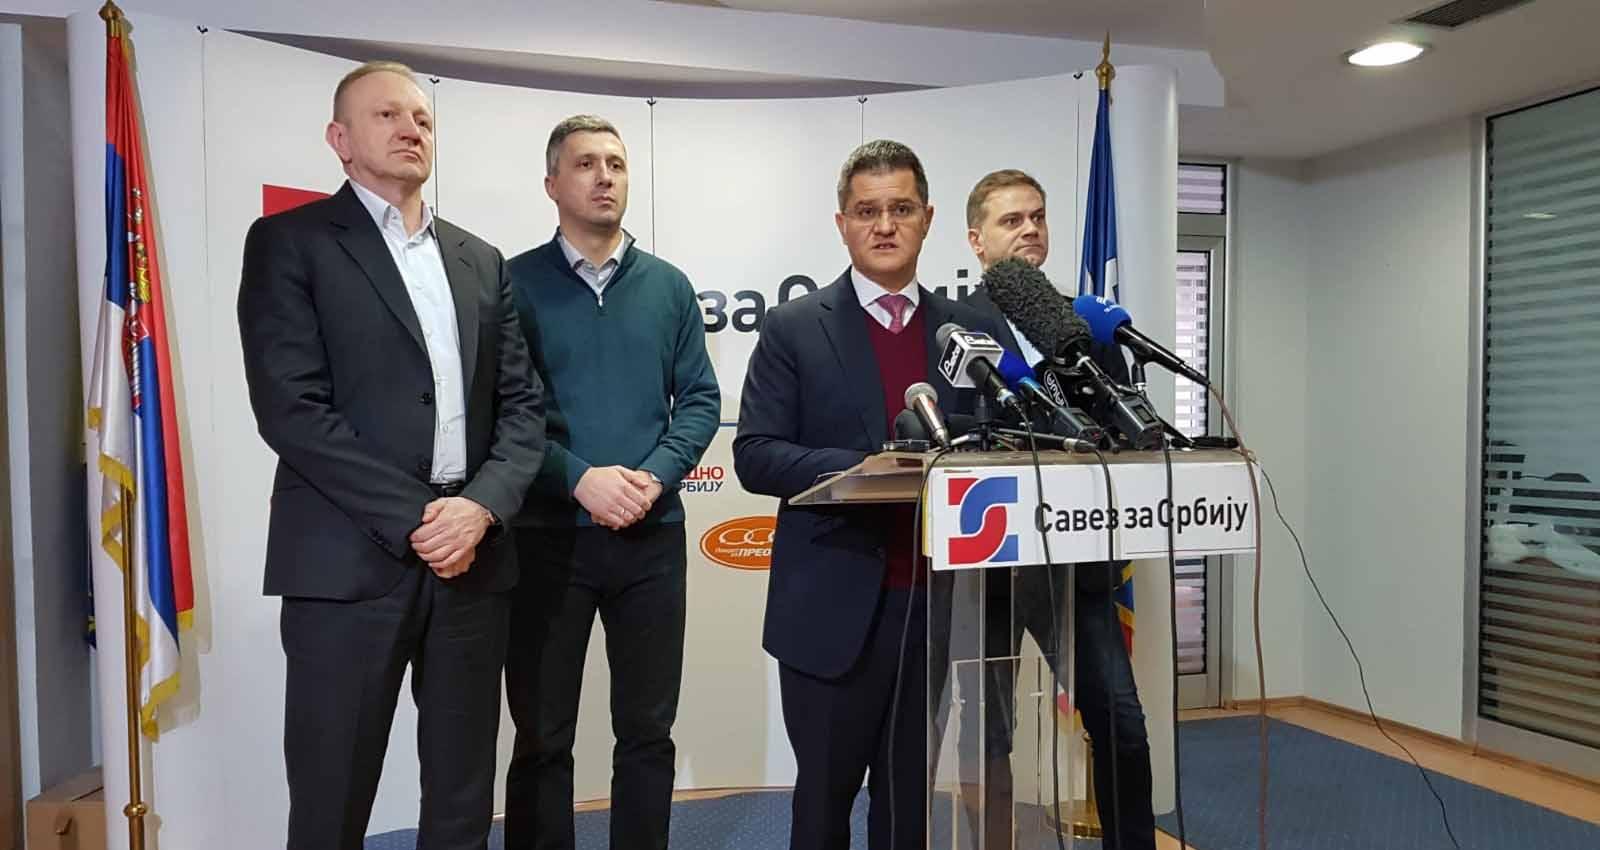 Јеремић: Сутра осам сати блокаде РТС-а, јер та телевизија осам година блокира истину